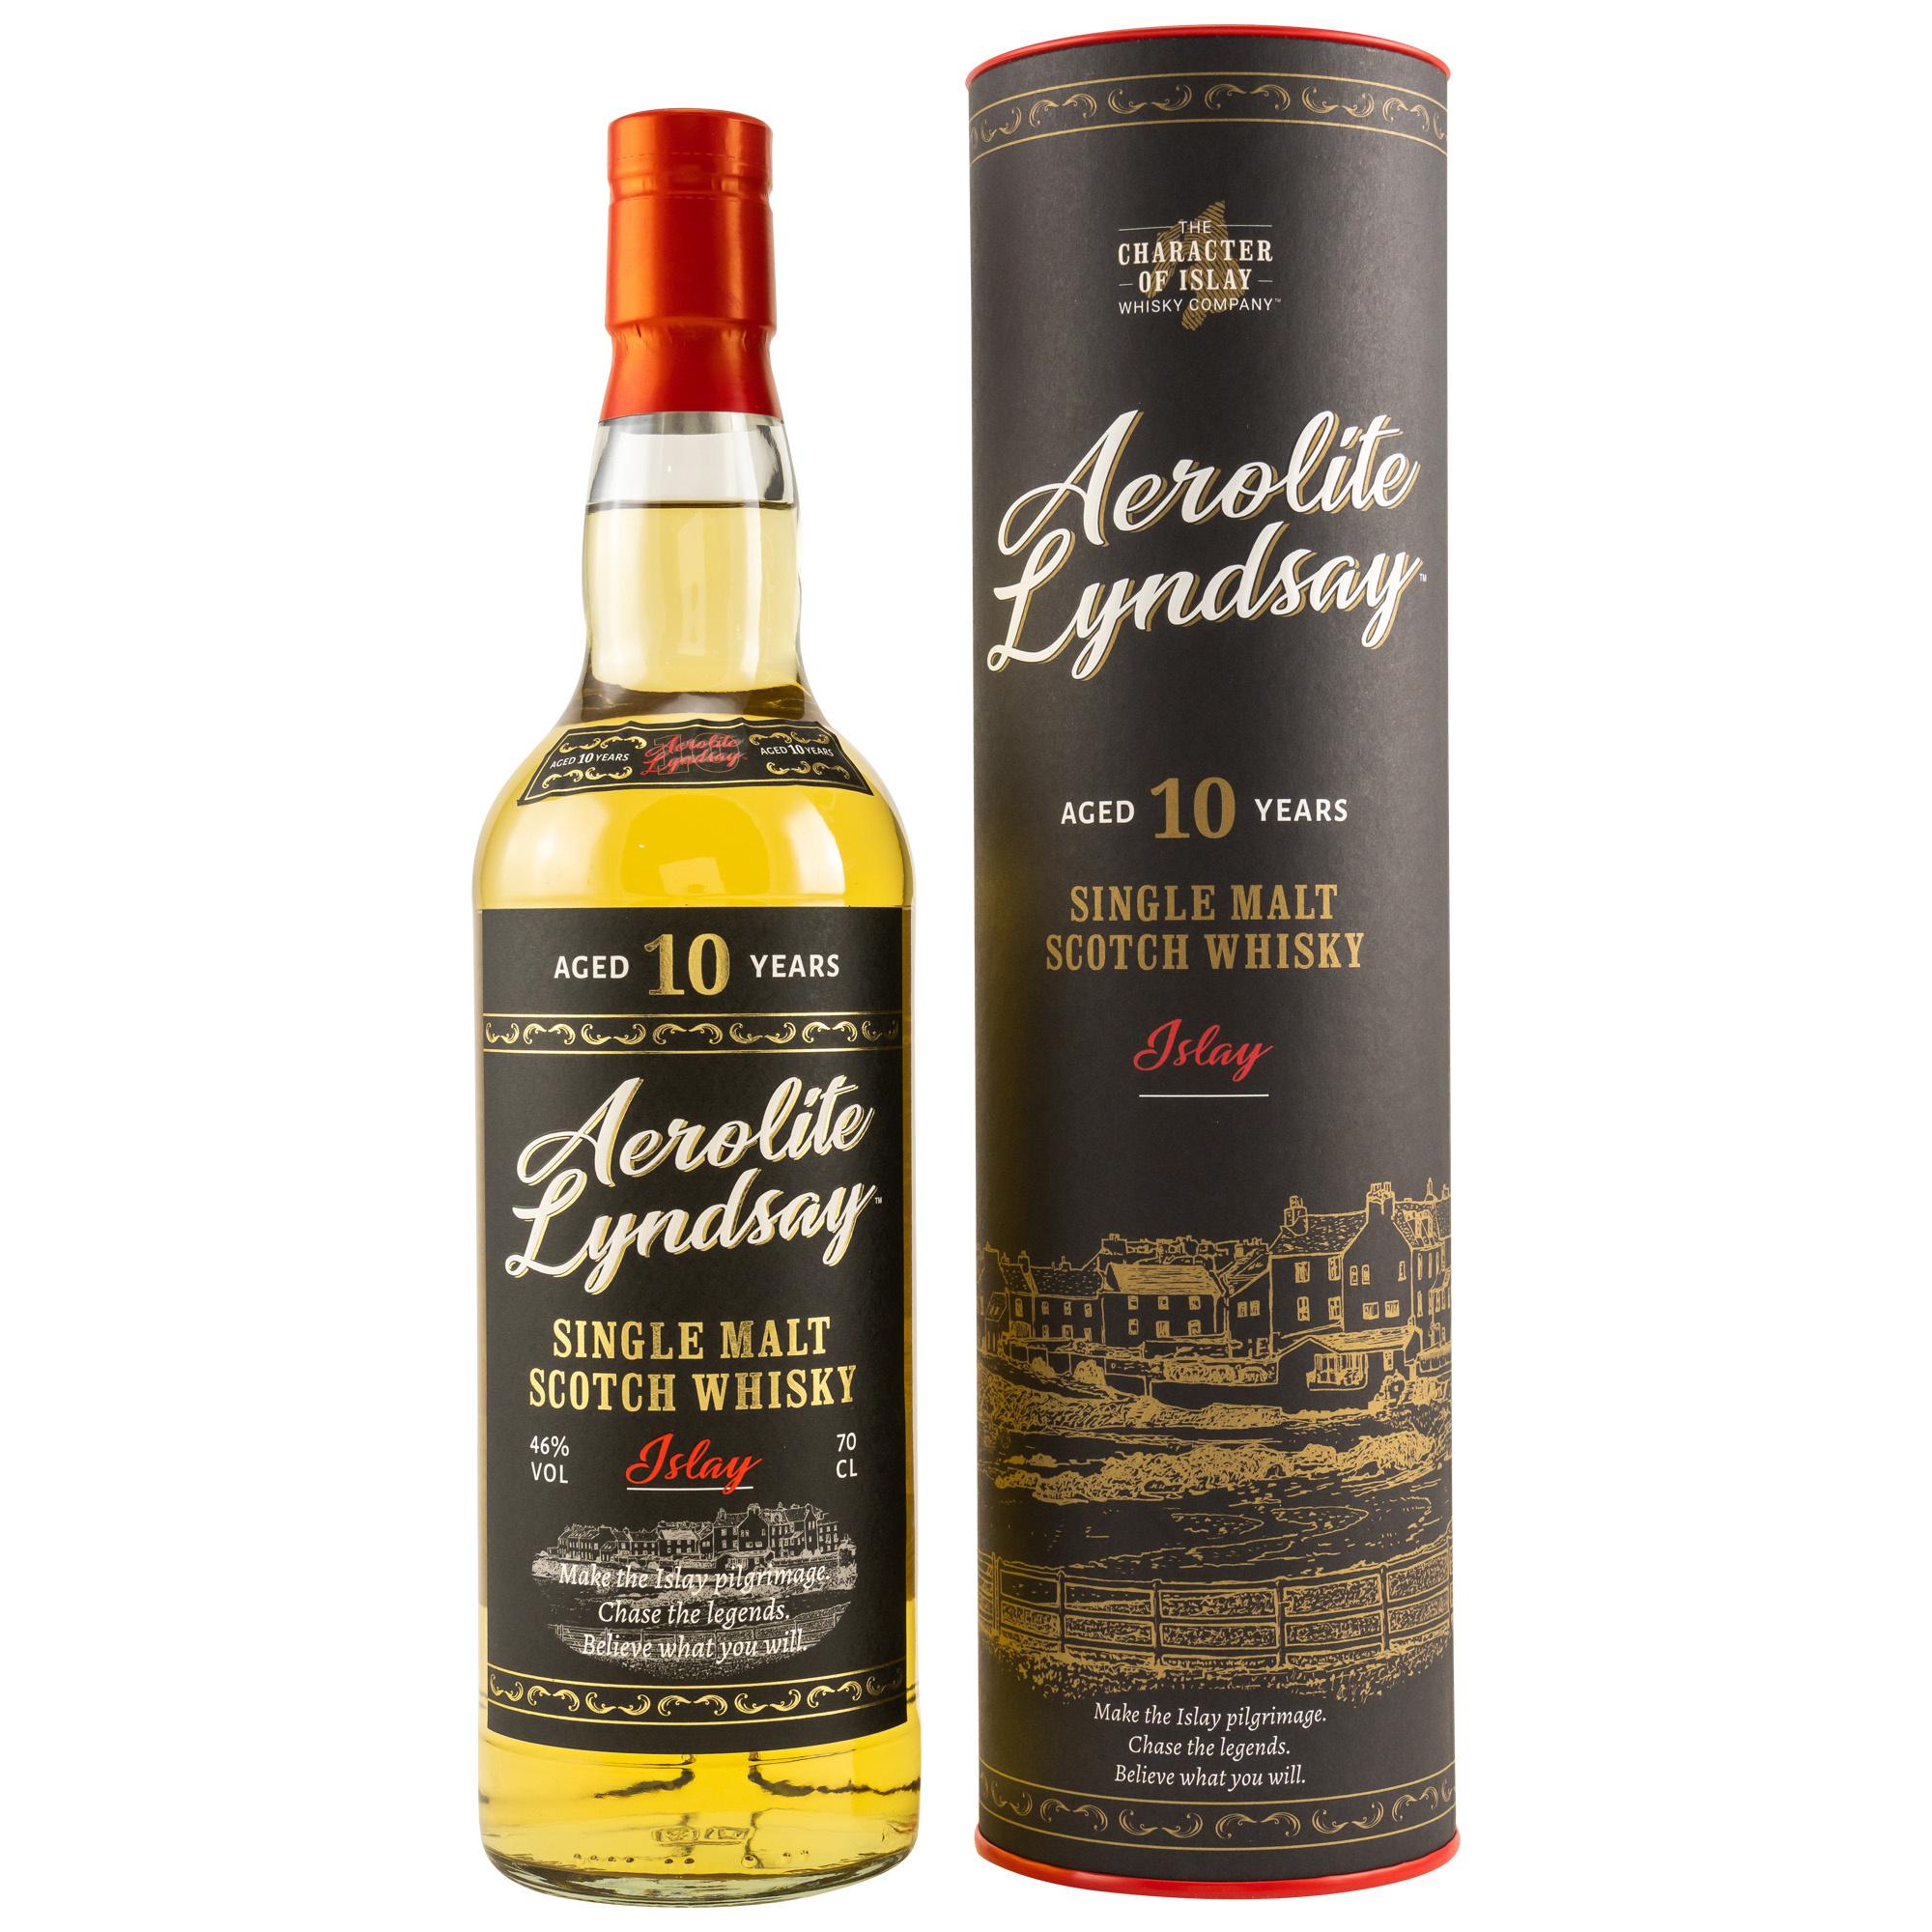 Aerolite Lyndsay - Islay Whisky with a twist